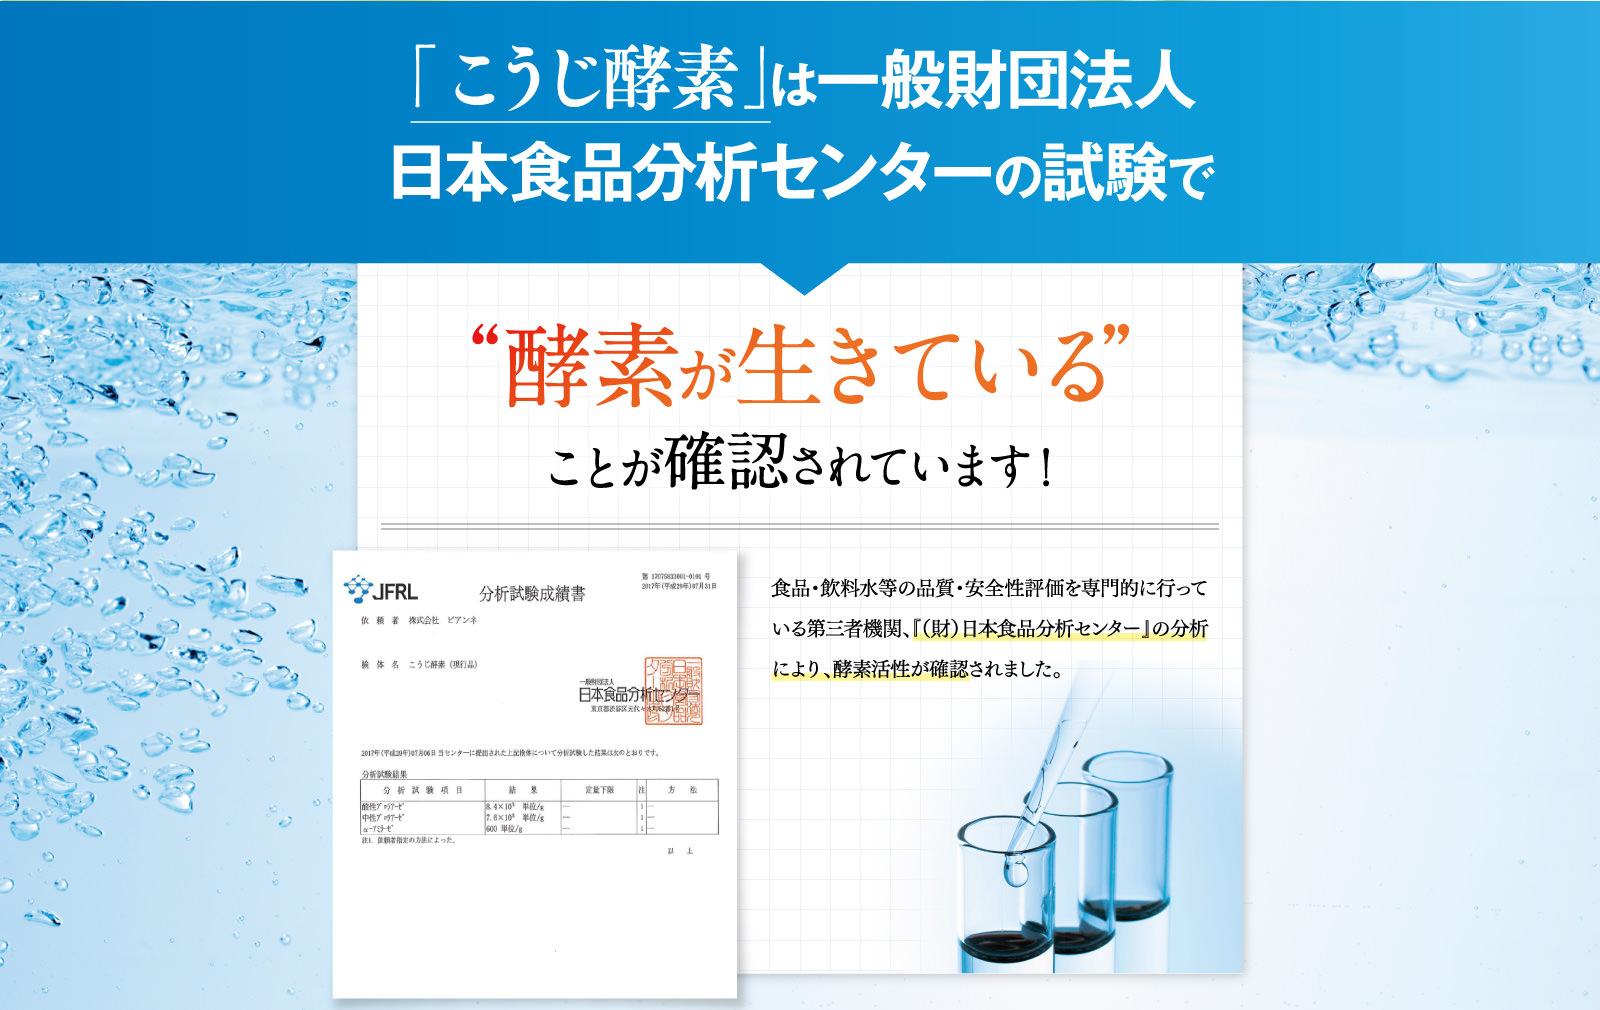 """「こうじ酵素」は一般財団法人日本食品分析センターの試験で""""酵素が生きている""""ことが確認されています!"""